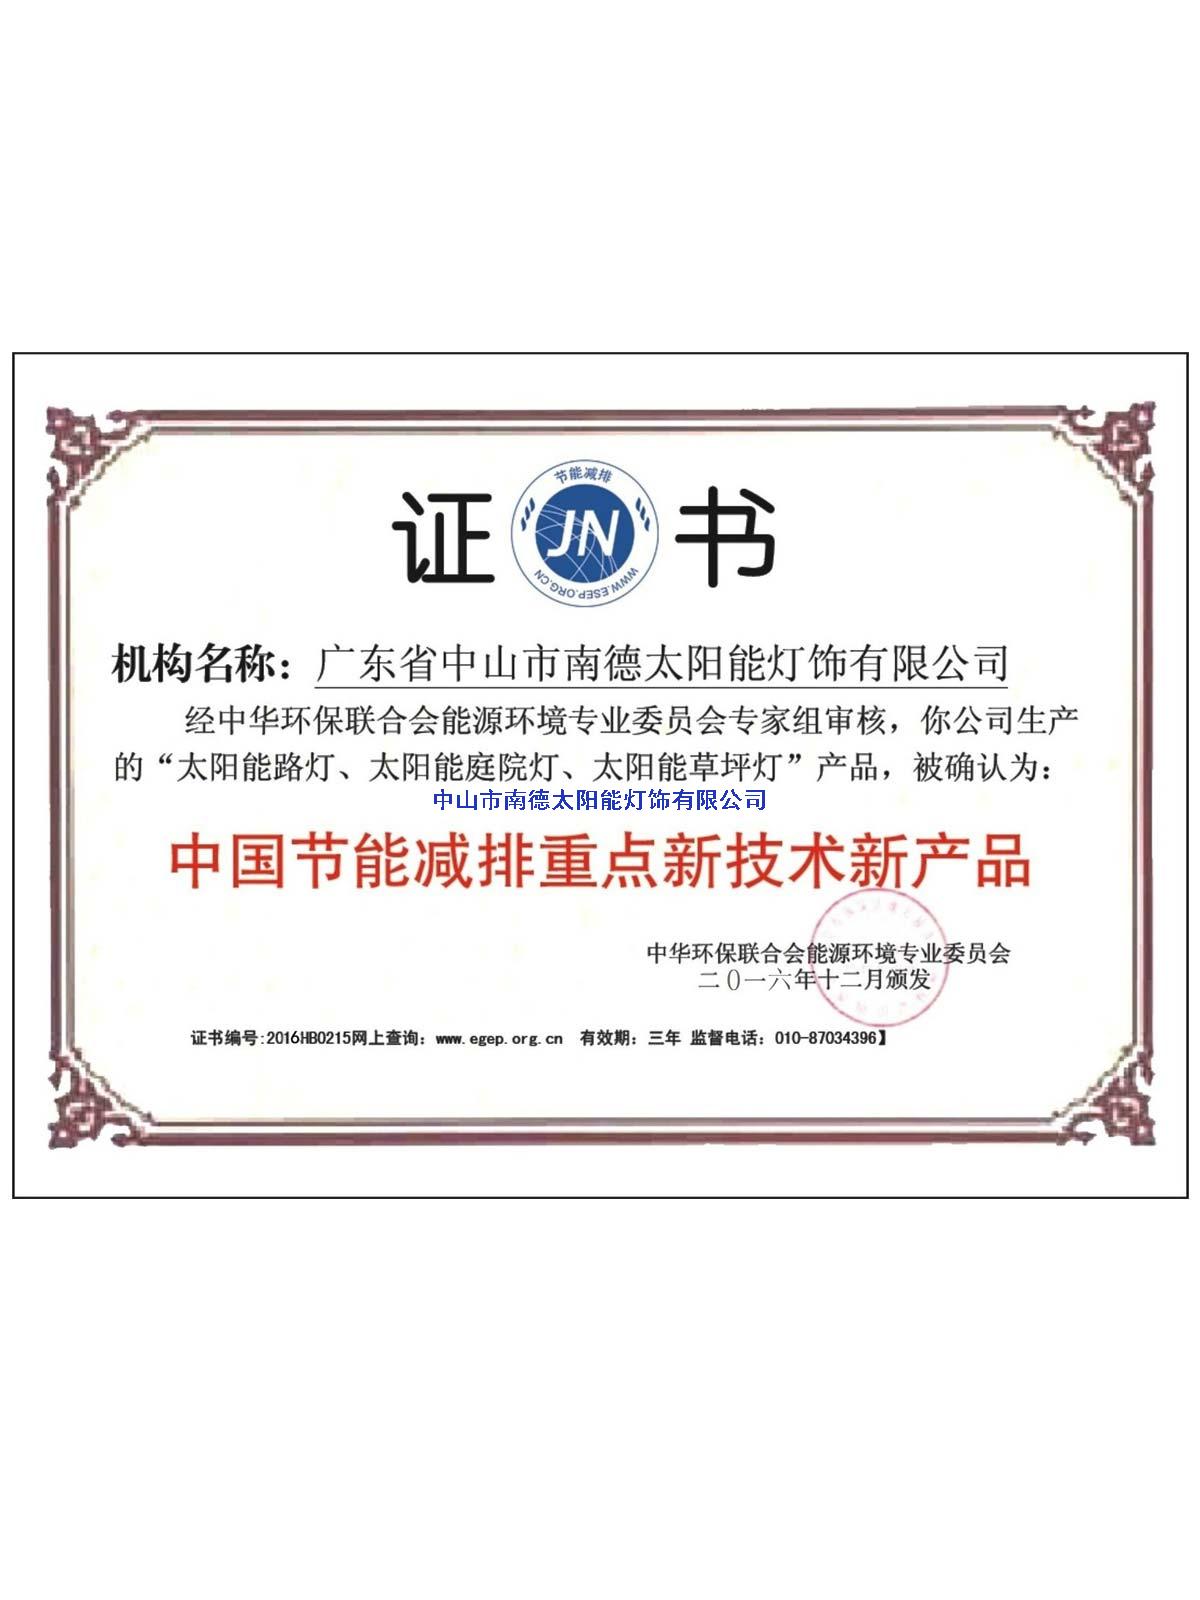 重点新技术新产品证书